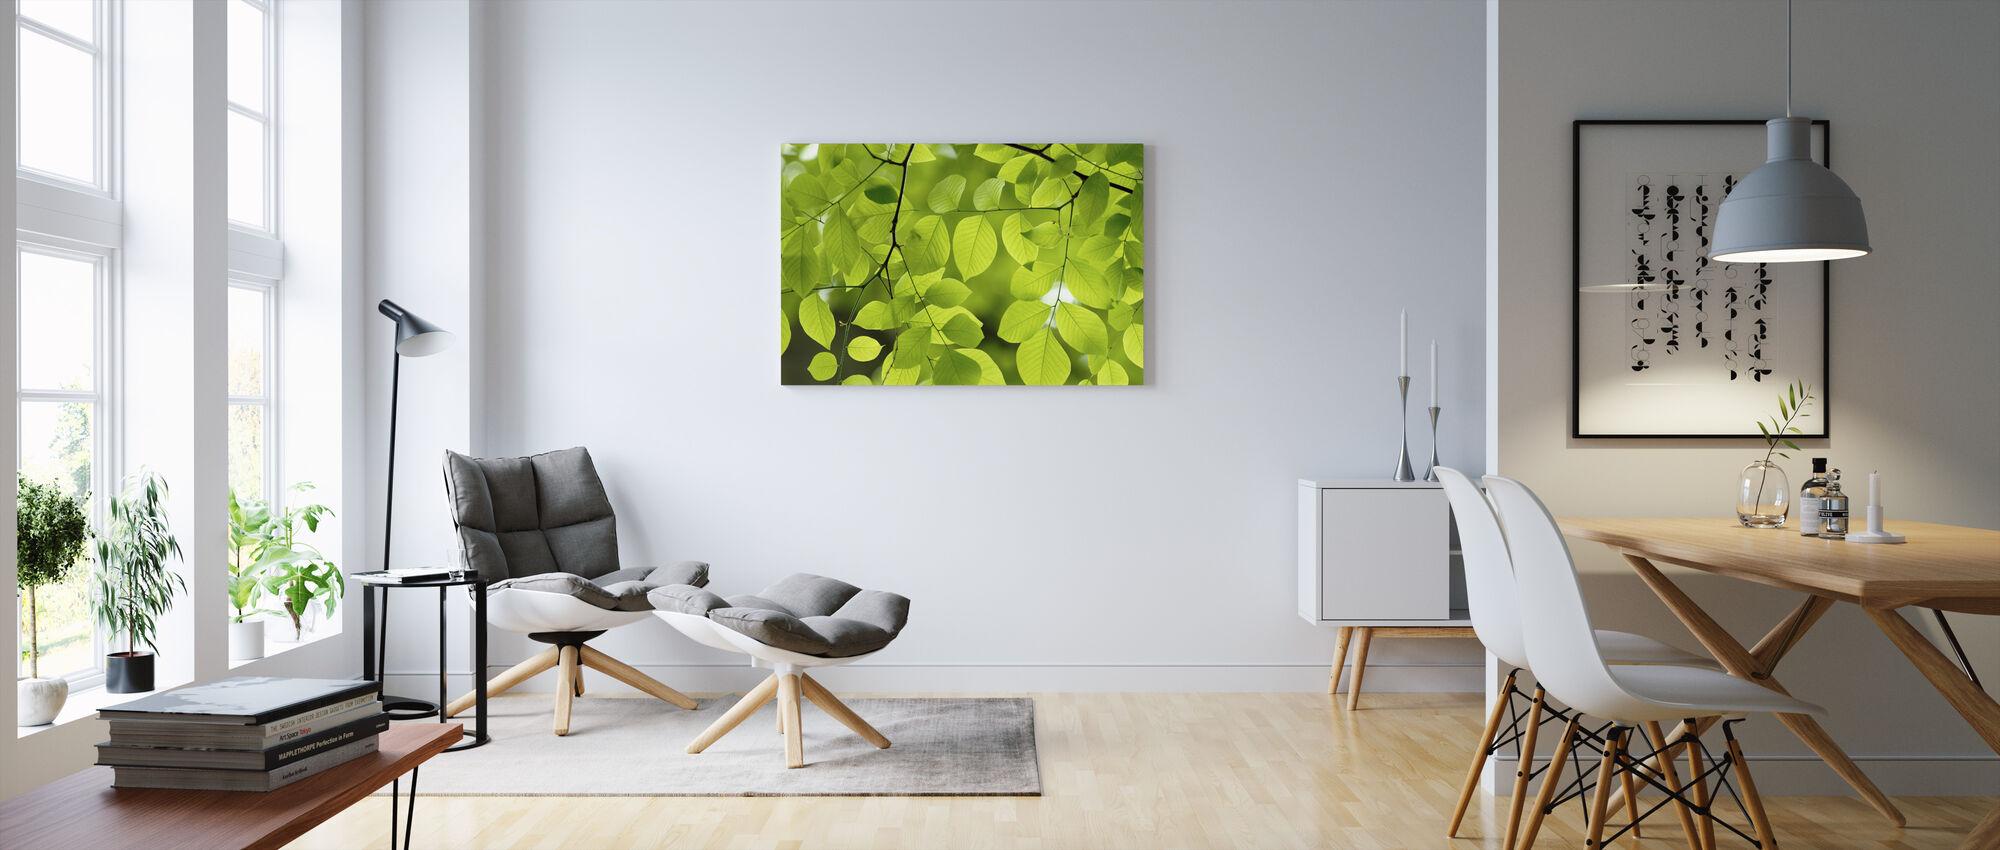 Keltainen Puu Vihreät lehdet - Canvastaulu - Olohuone